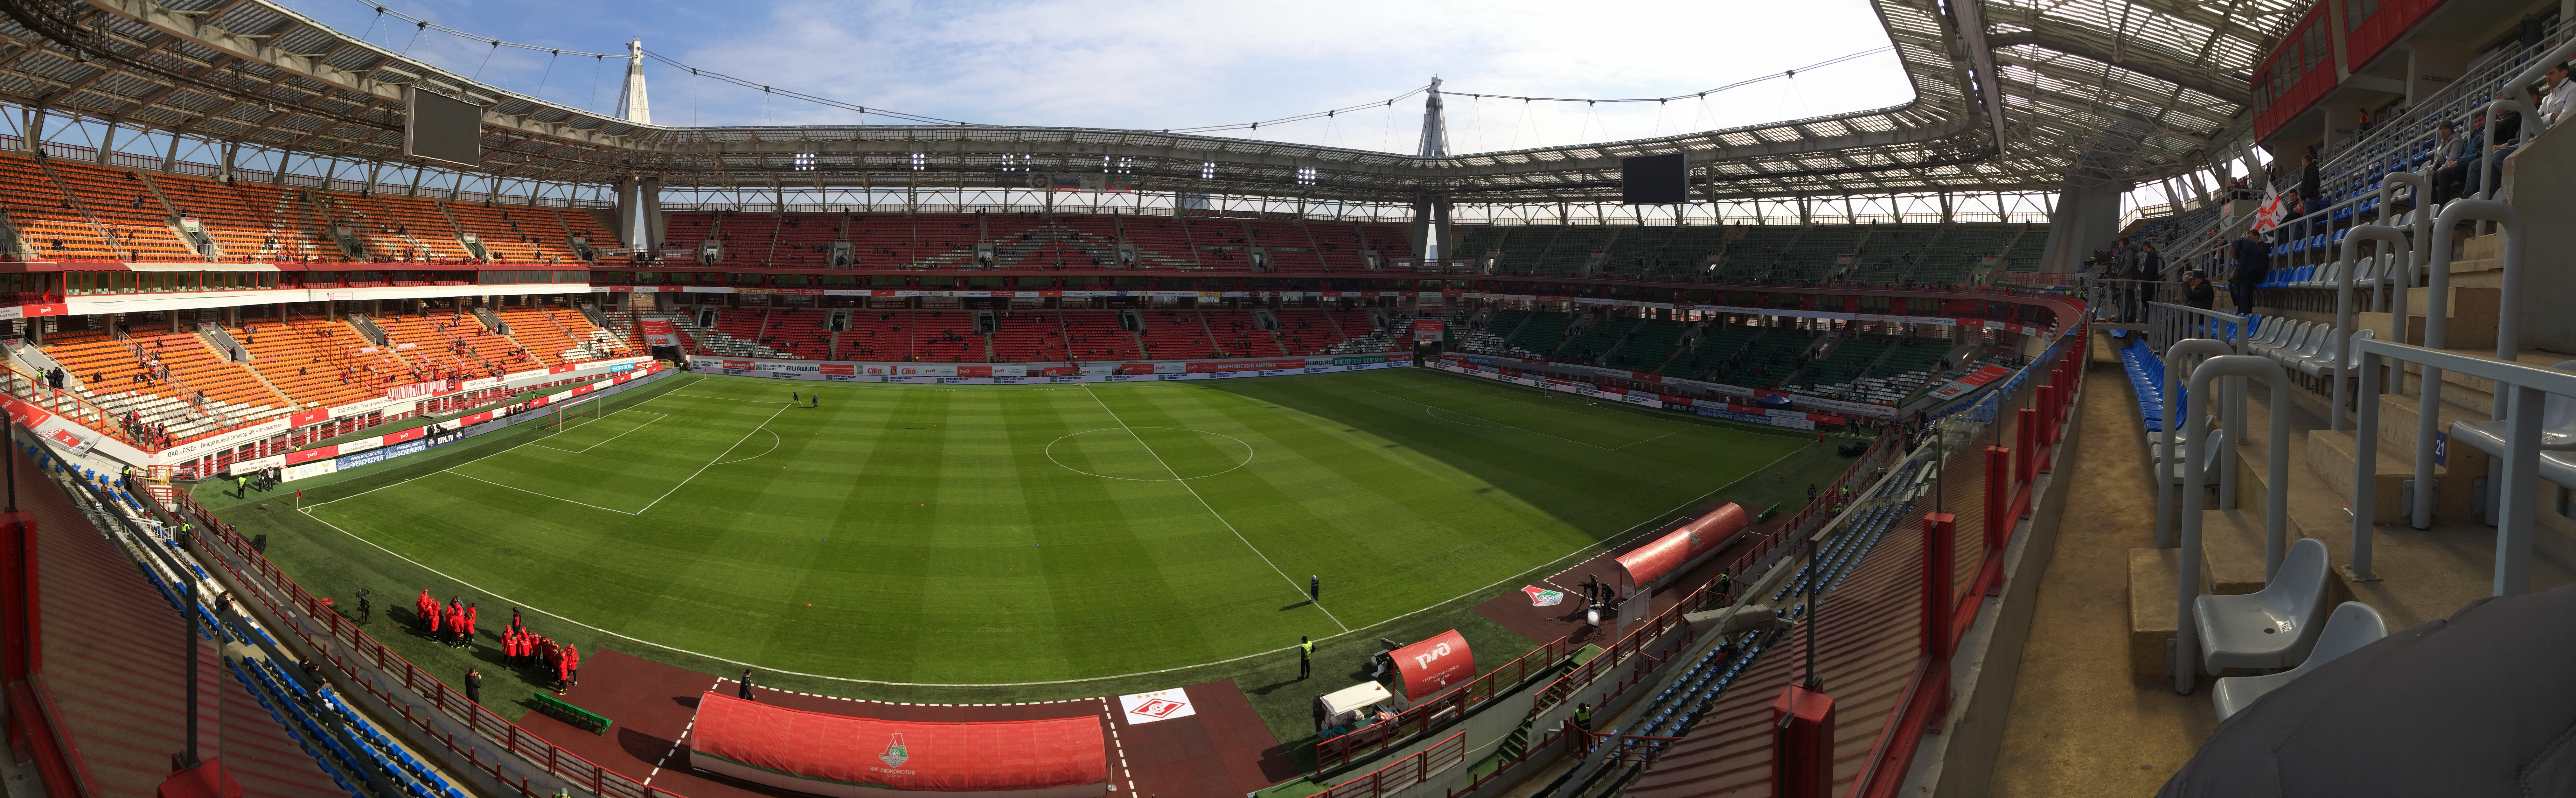 Lokomotive Moskau Stadion